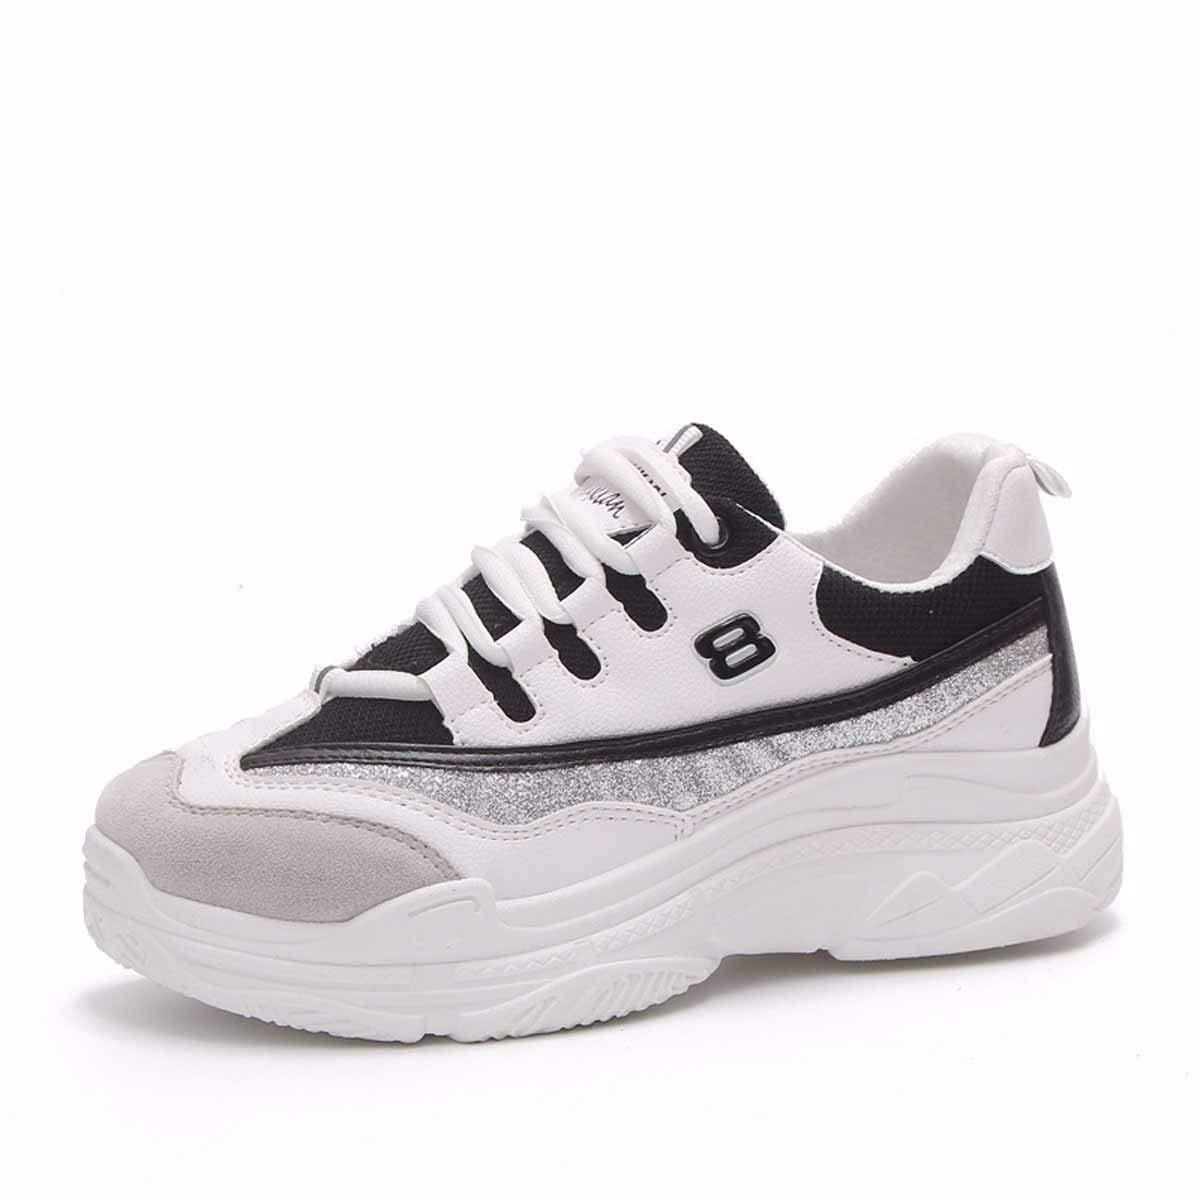 Noir KOKQSX-Les Chaussures de Sport des Femmes du Jogging Blanc Occasionnels des Chaussures de Course la lumière des Chaussures de Femme. Thirty-nine